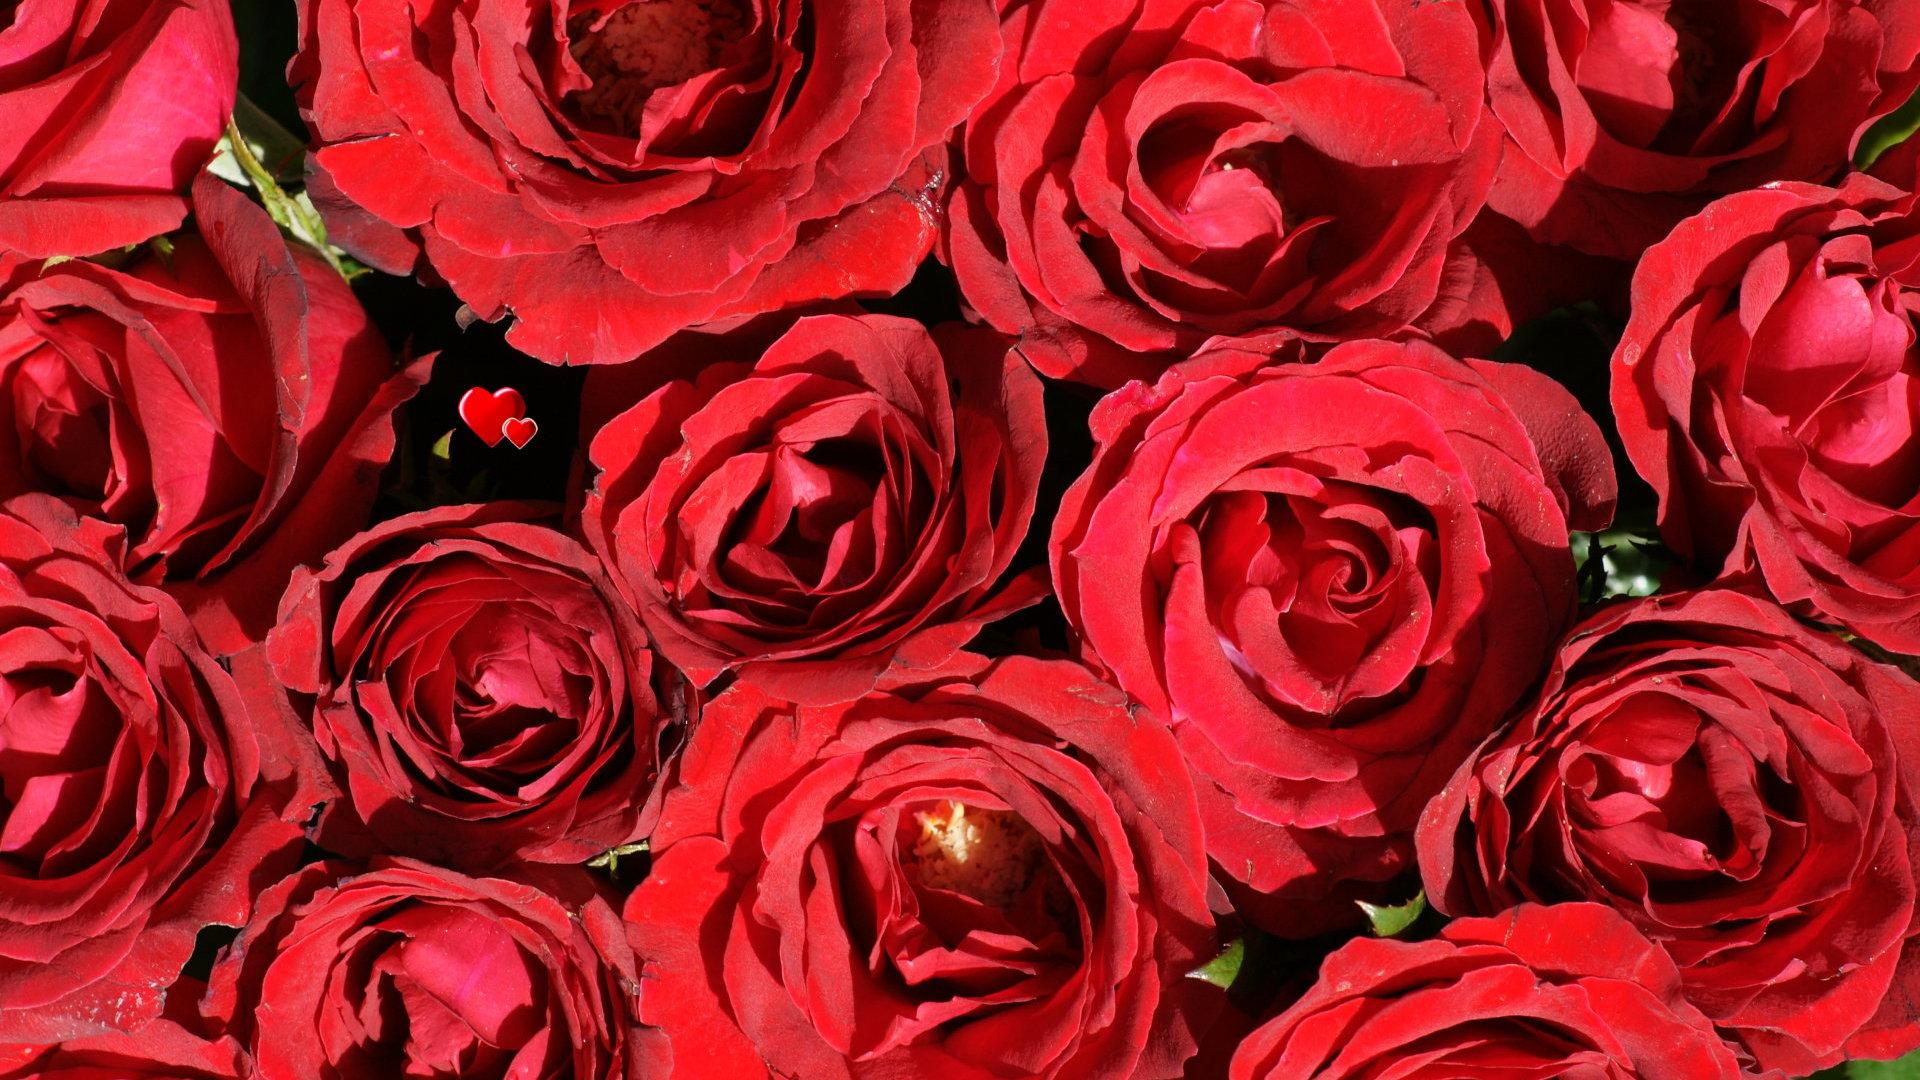 red rose desktop background - photo #25